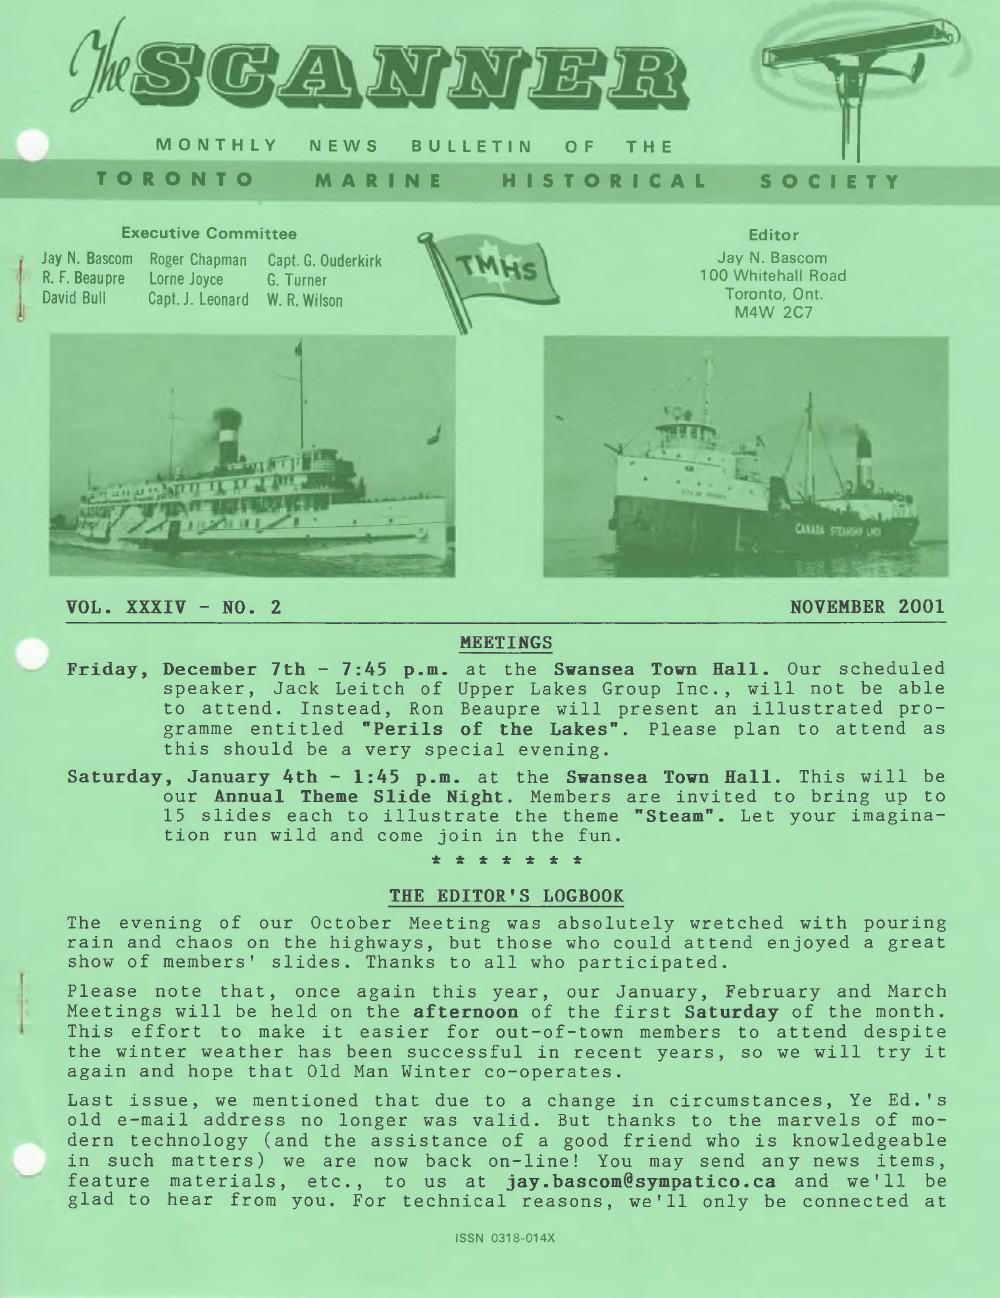 Scanner, v. 34, no. 2 (November 2001)